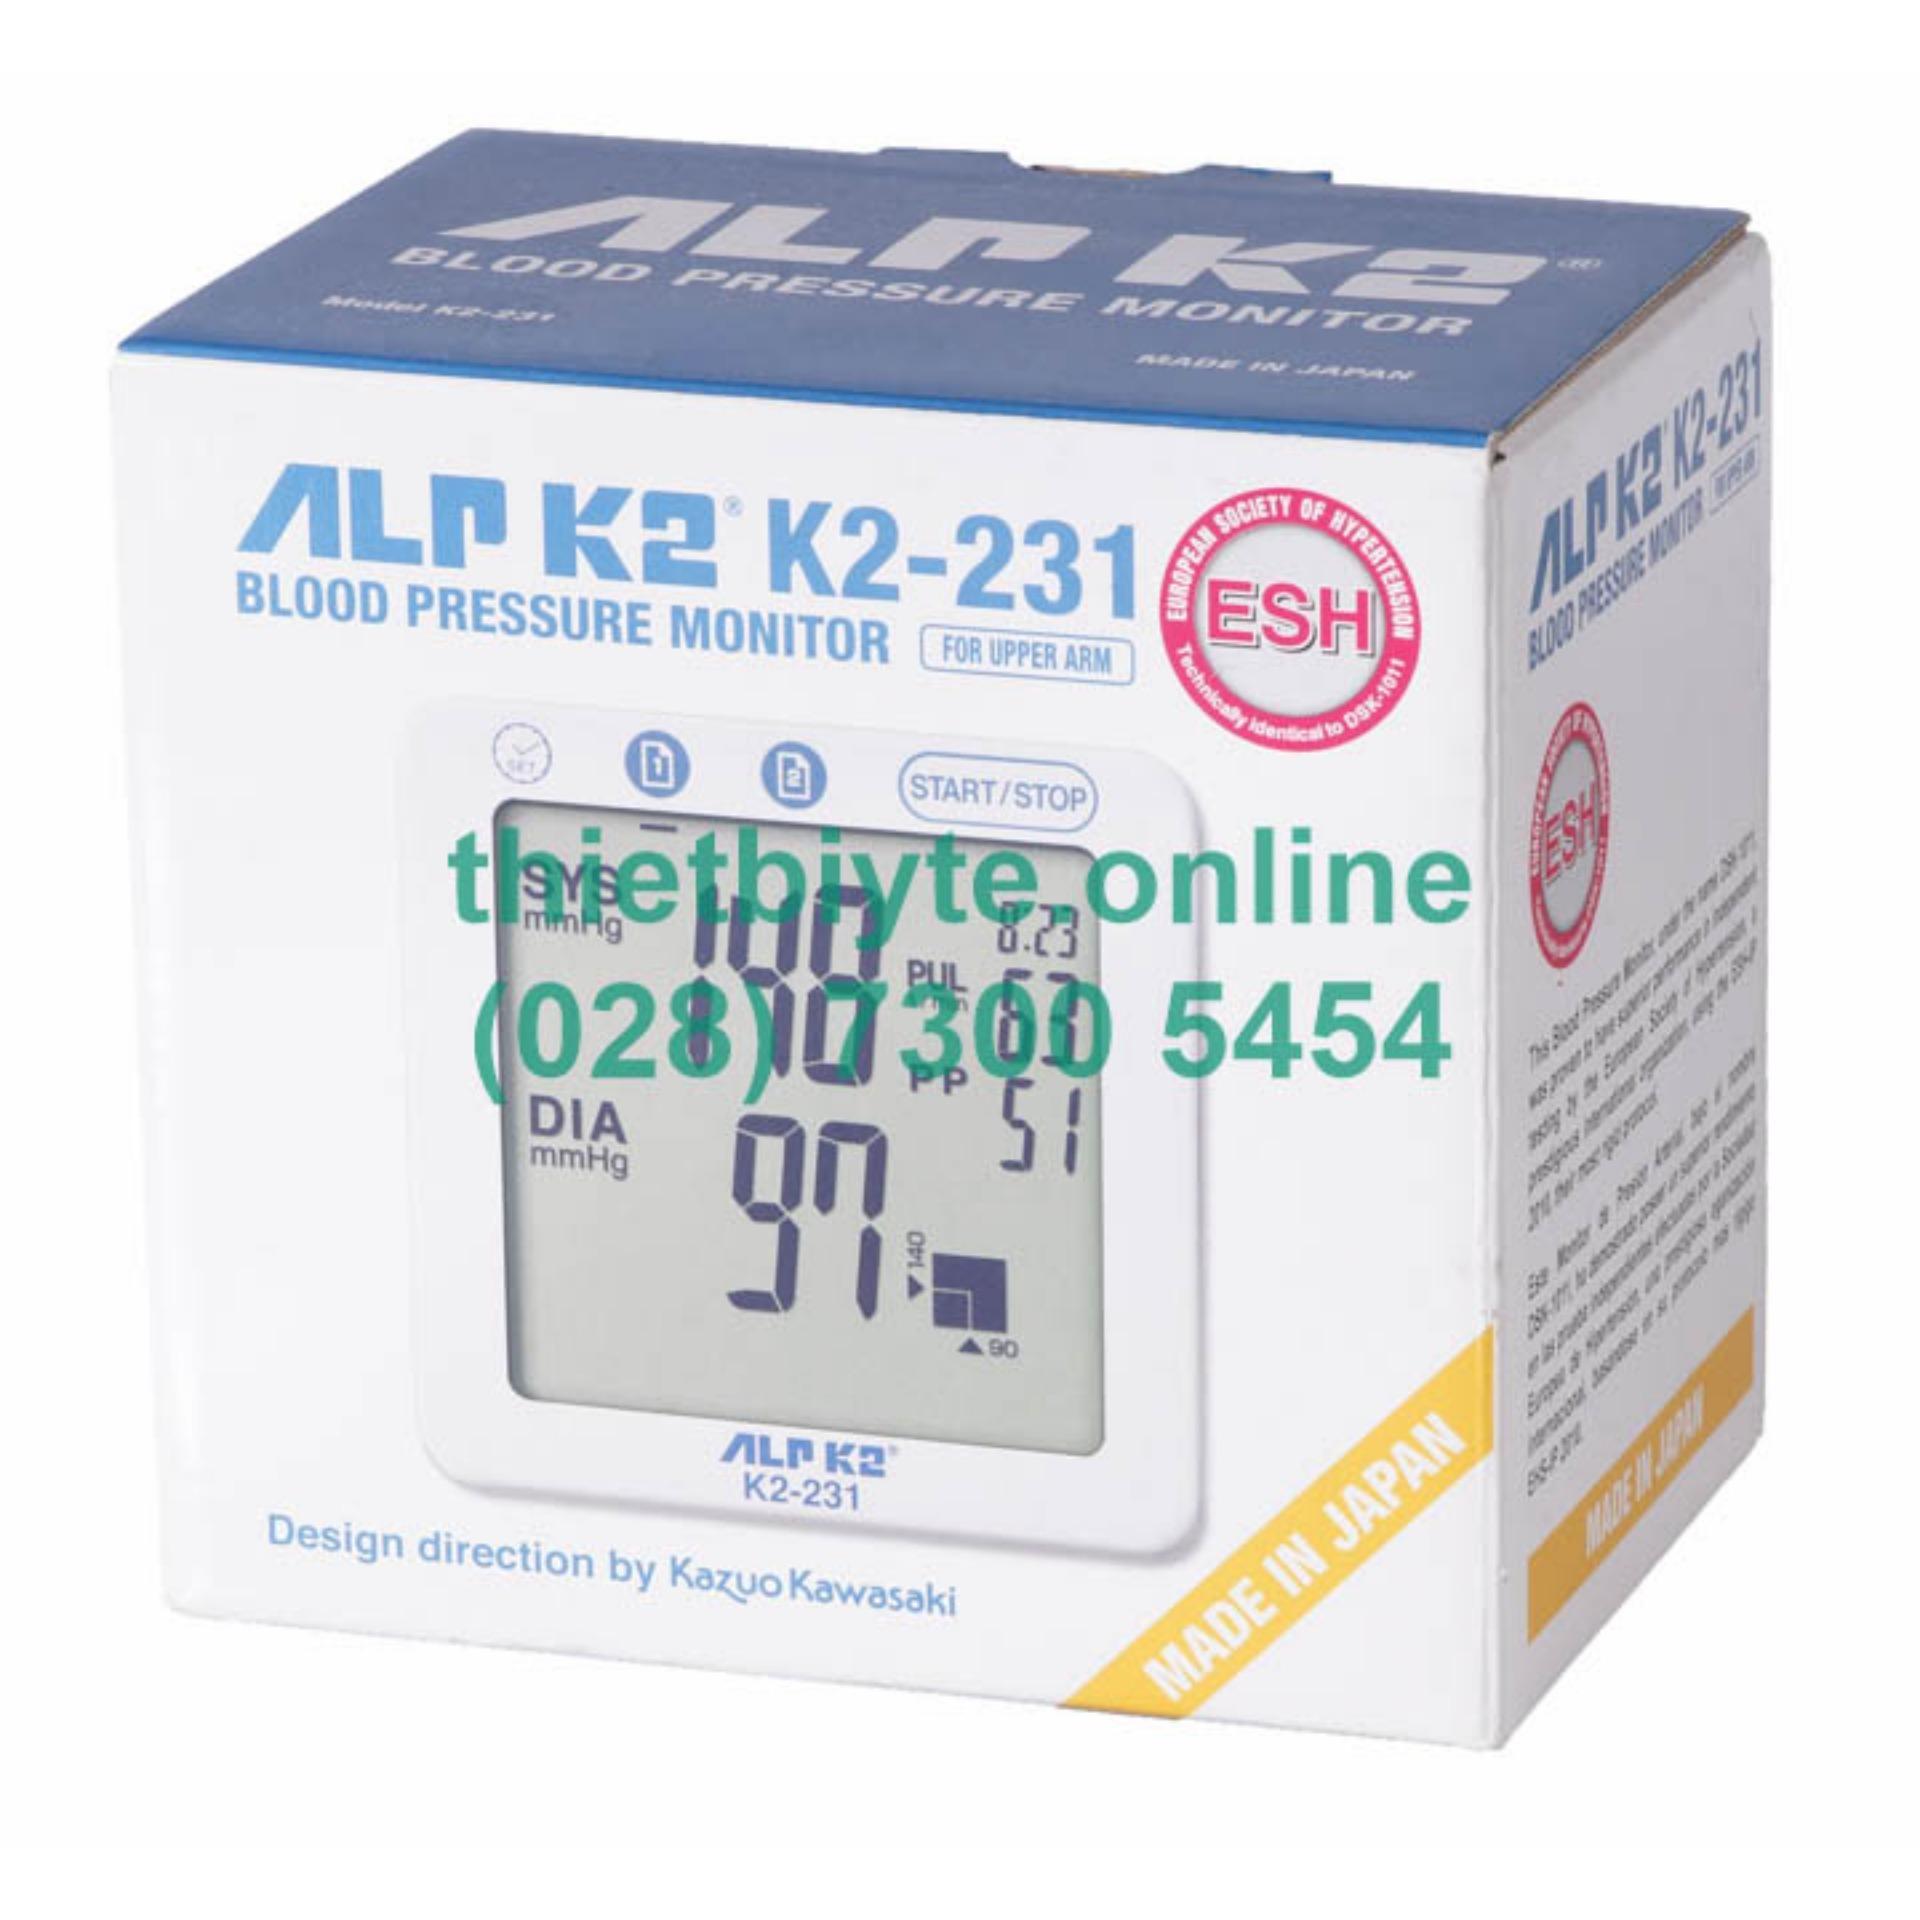 Máy đo huyết áp bắp tay Alpk2 K2-231 bán chạy